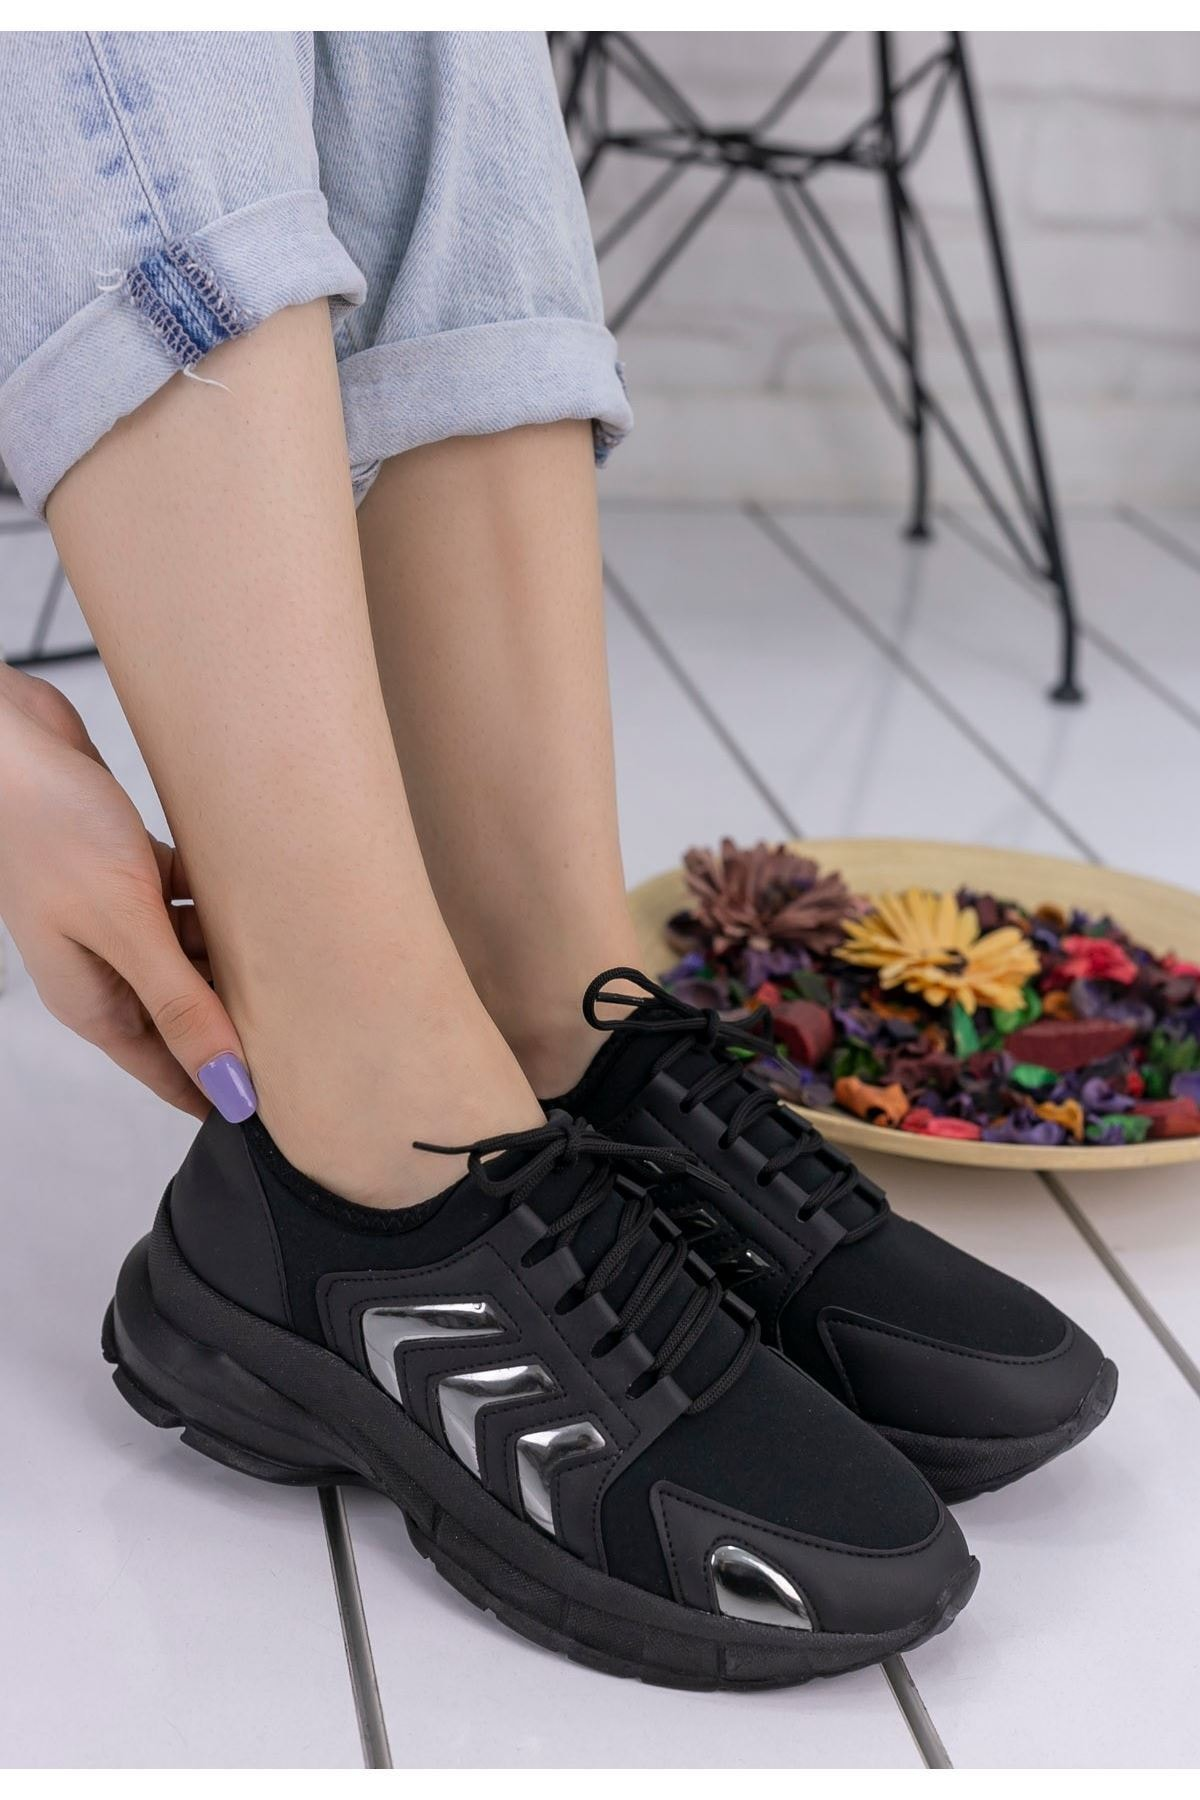 mozsoo Alya Kadın Siyah Cilt Platin Şeritli Spor Ayakkabı